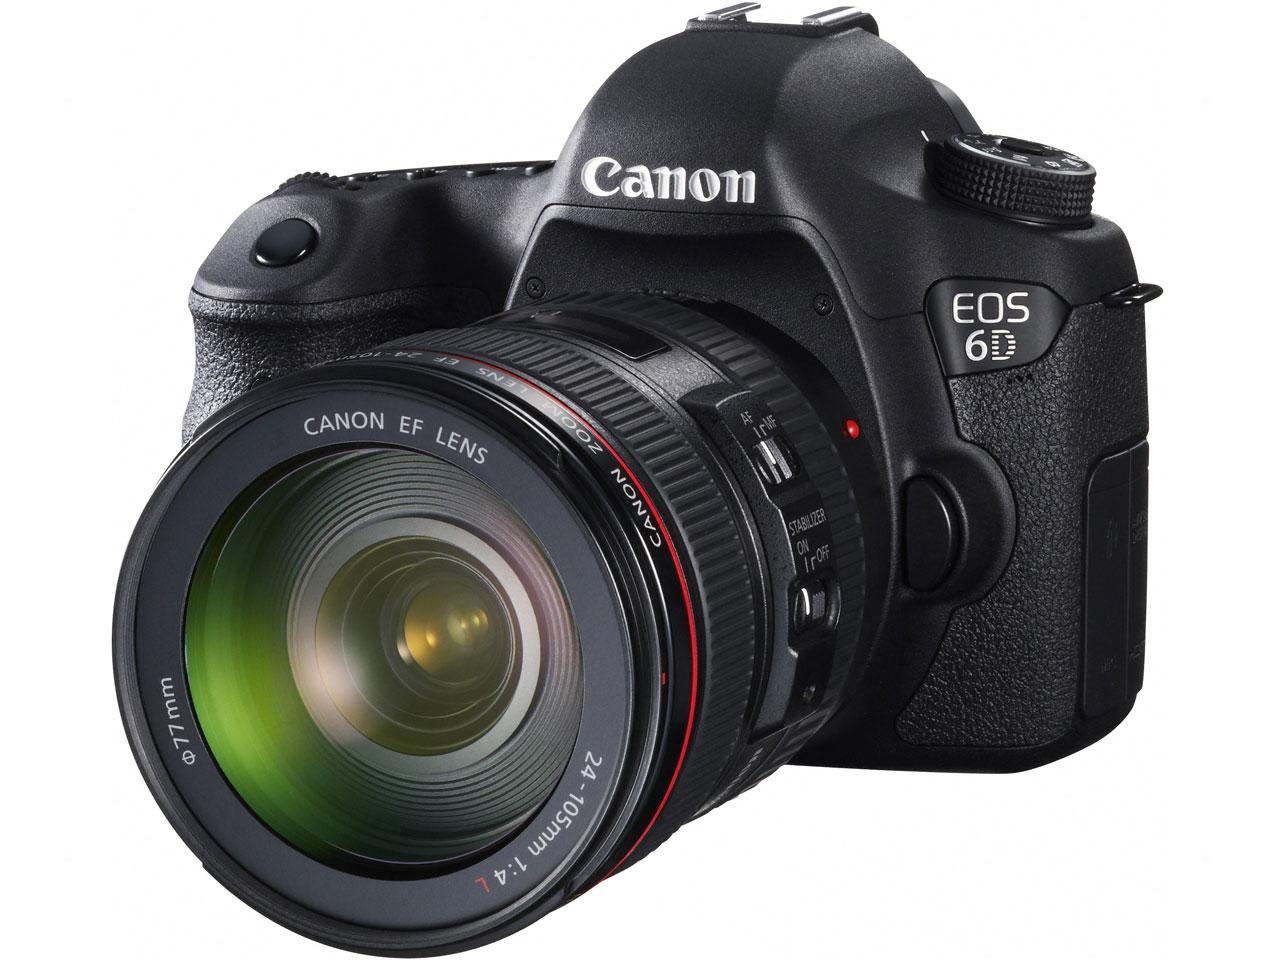 CANON / キヤノン デジタル一眼レフカメラ EOS 6D EF24-70L IS USM レンズキット 【デジタル一眼カメラ】【送料無料】